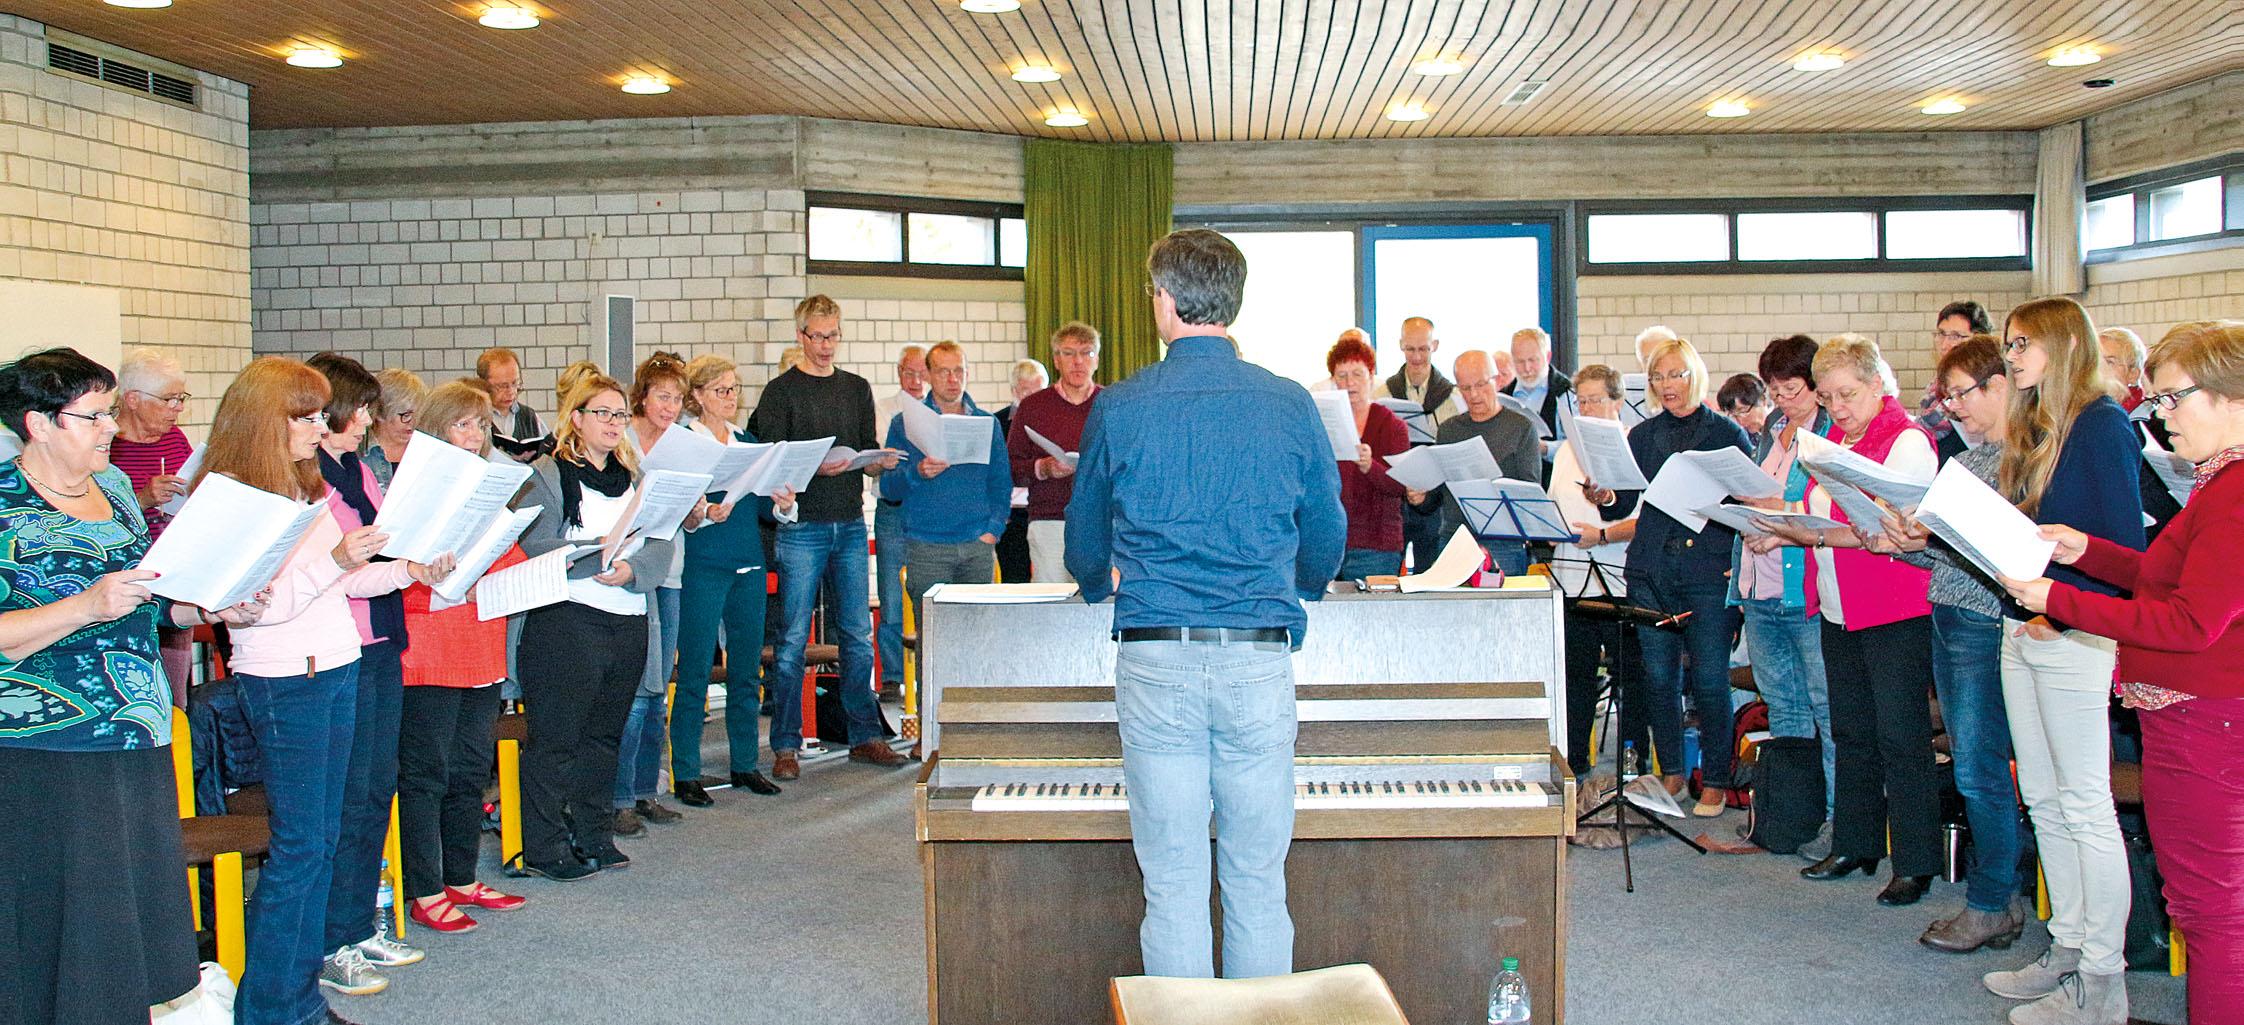 """Der """"große Chor"""" bei der Probe im ökumenischen Kirchenzentrum in Meschede. An einem Samstagvormittag treffen sich rund 50 Singbegeisterte zur Probe."""